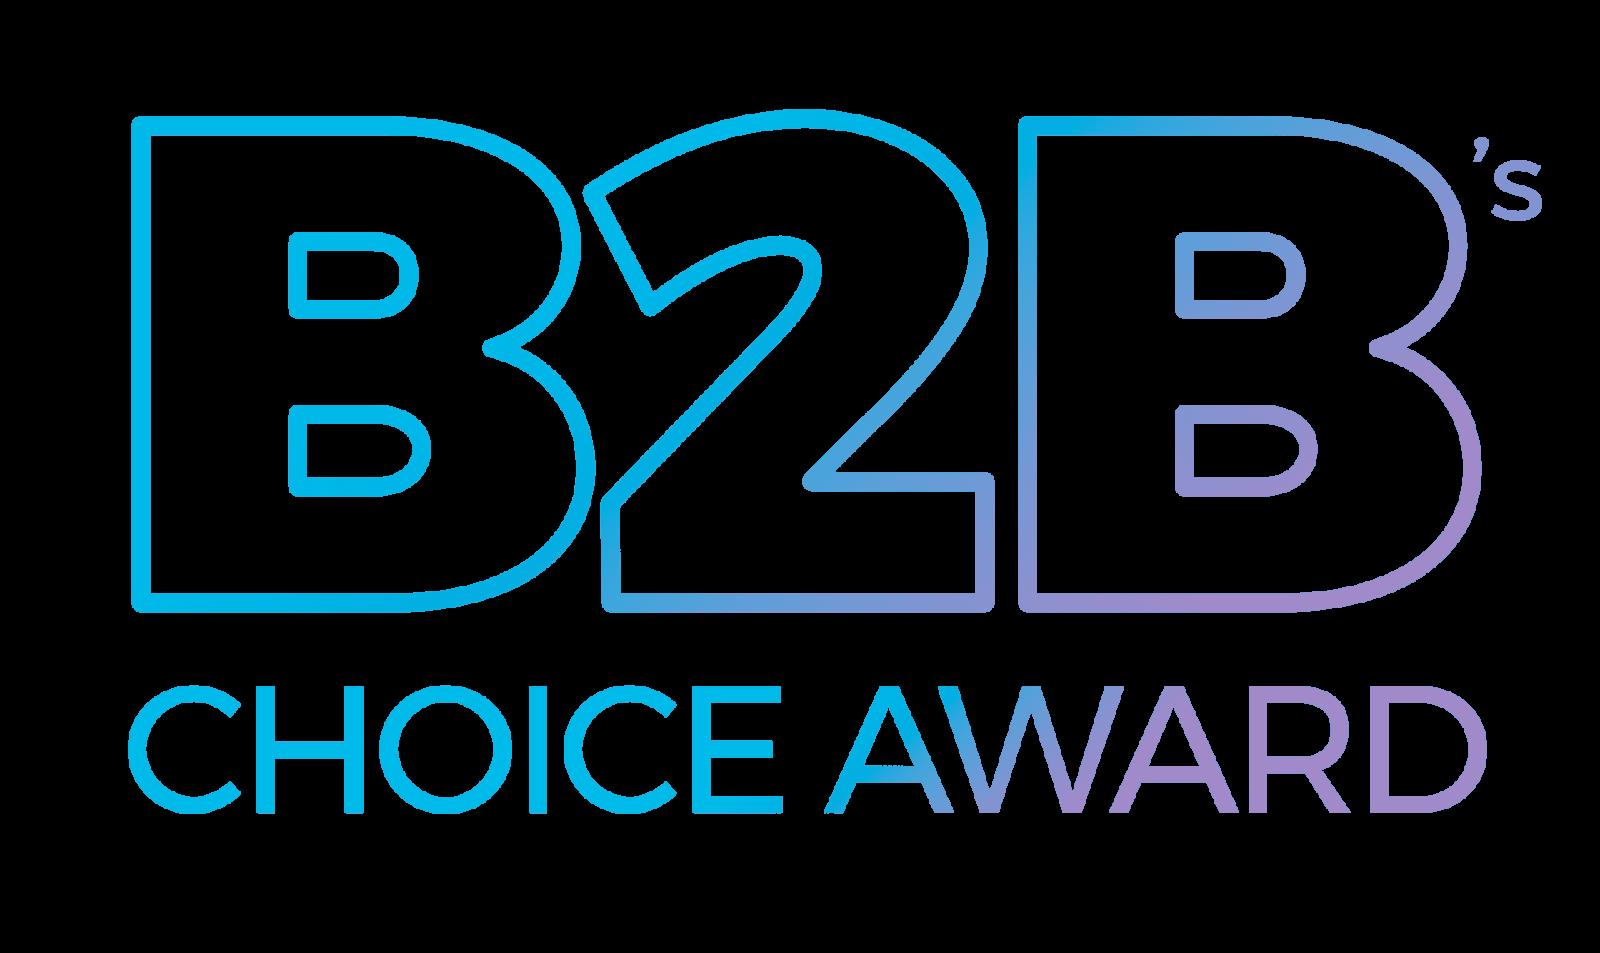 B2B's Choice Award